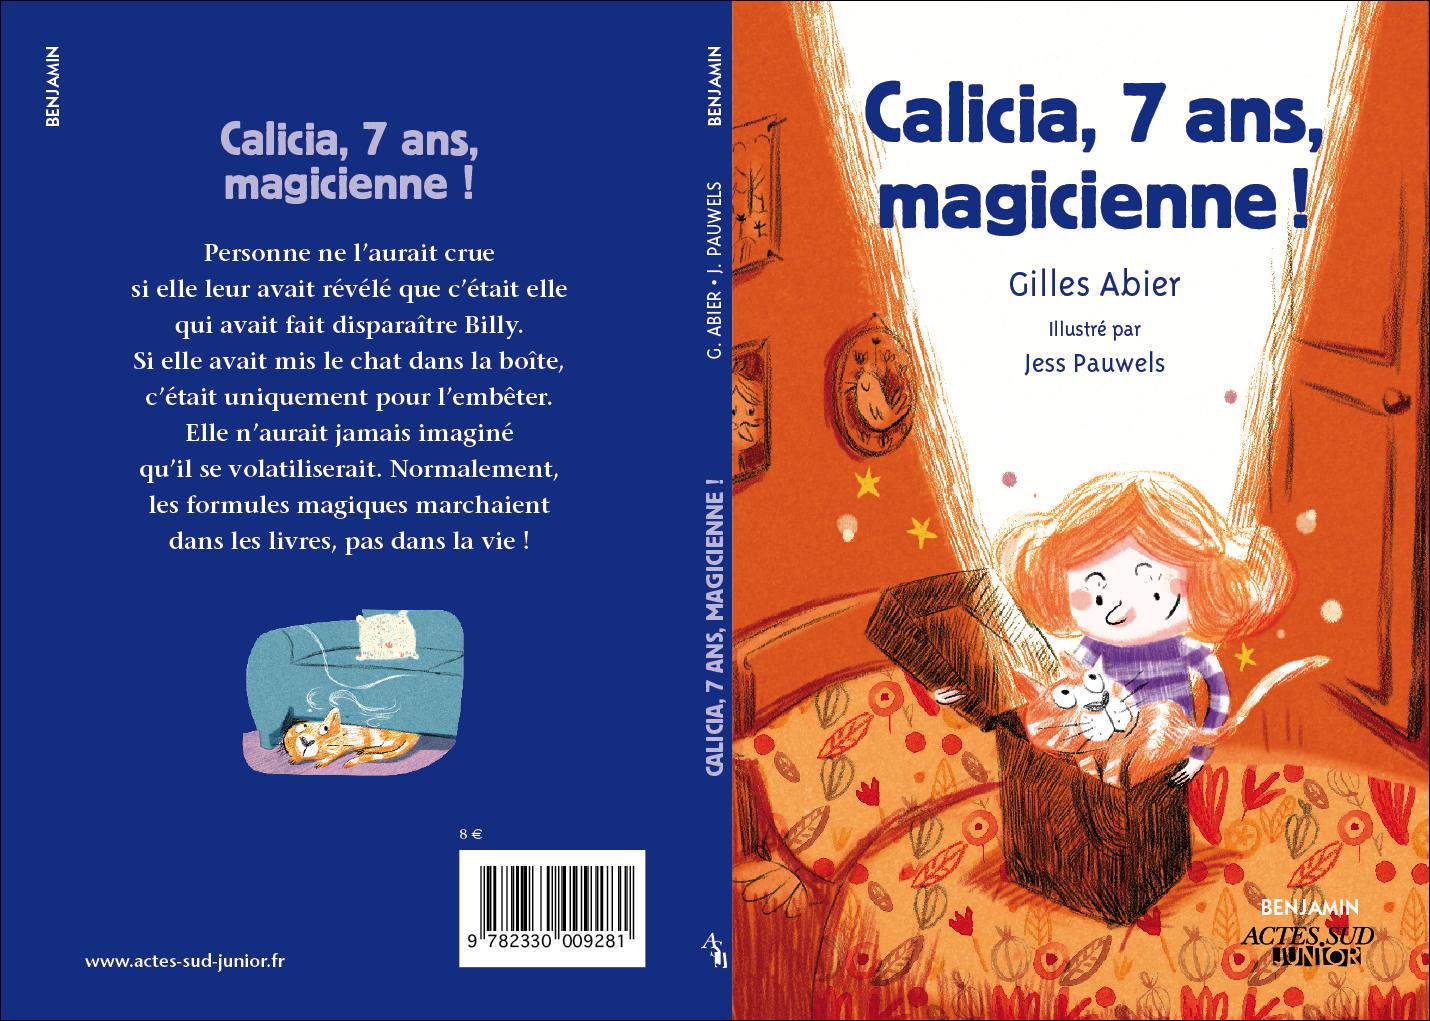 Gilles Abier - couverture première édition